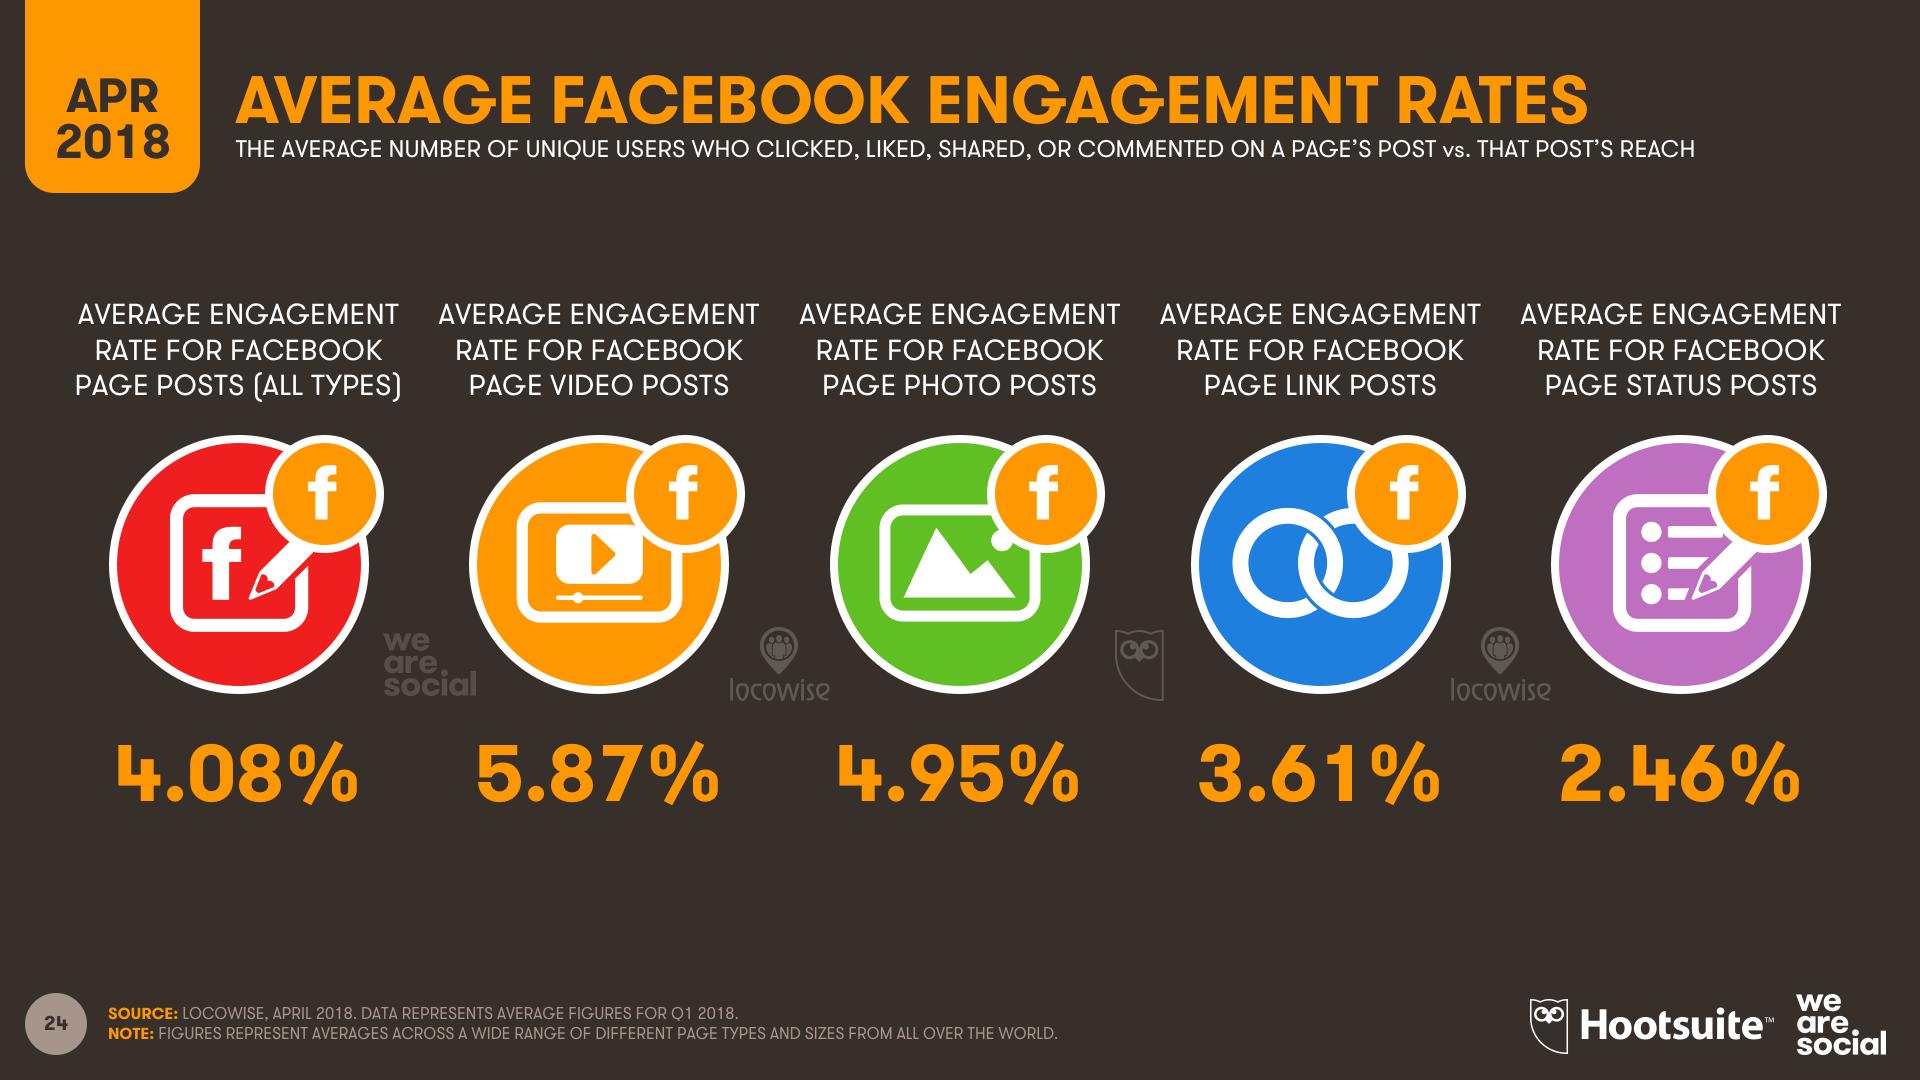 Facebook Engagement Rates - Q1 2018